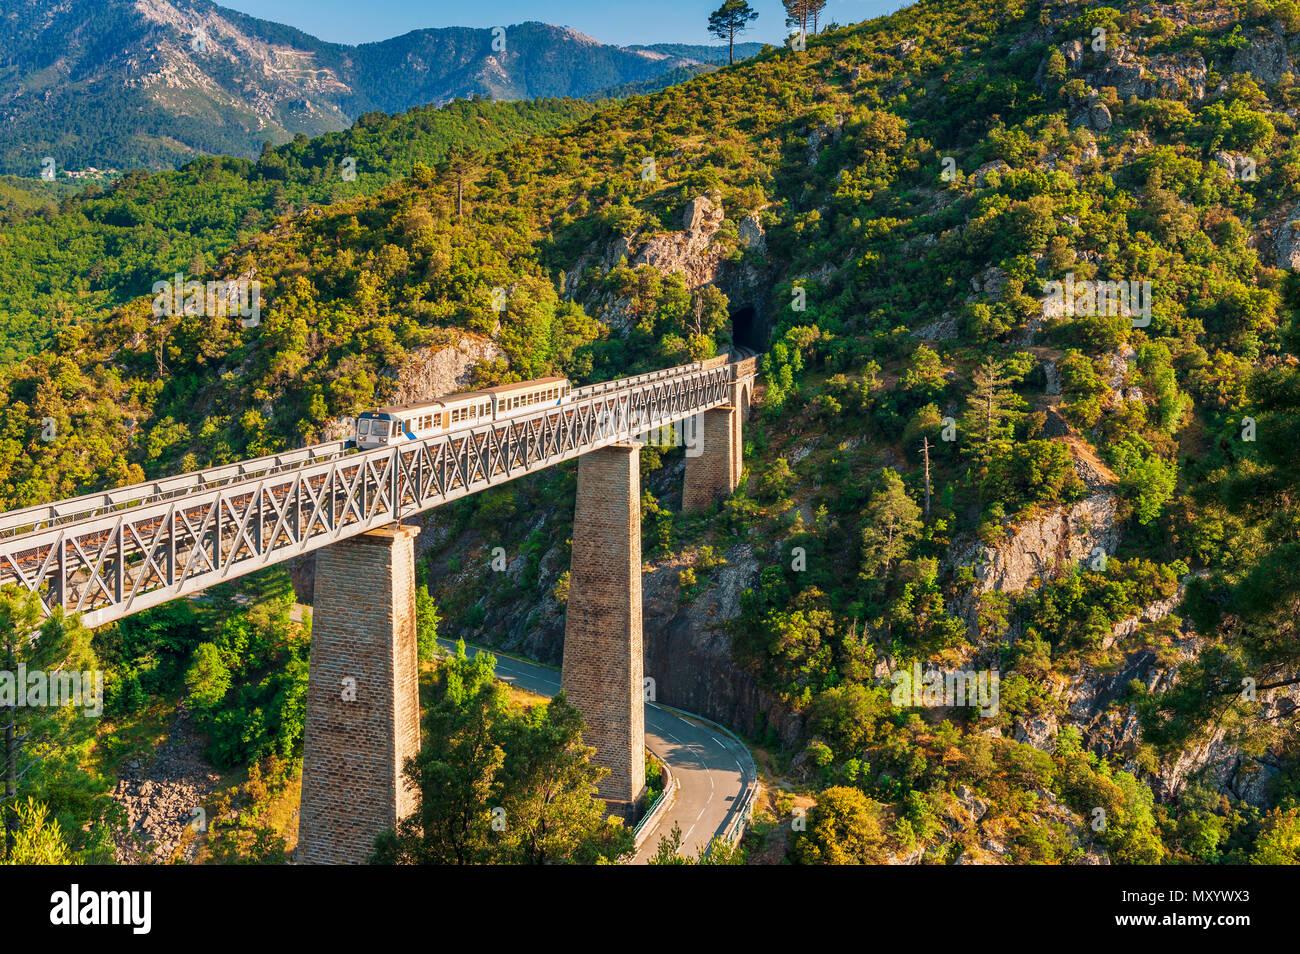 Bahnübergang Gustave Eiffels Viadukt in Vecchio, Korsika, Frankreich Stockbild